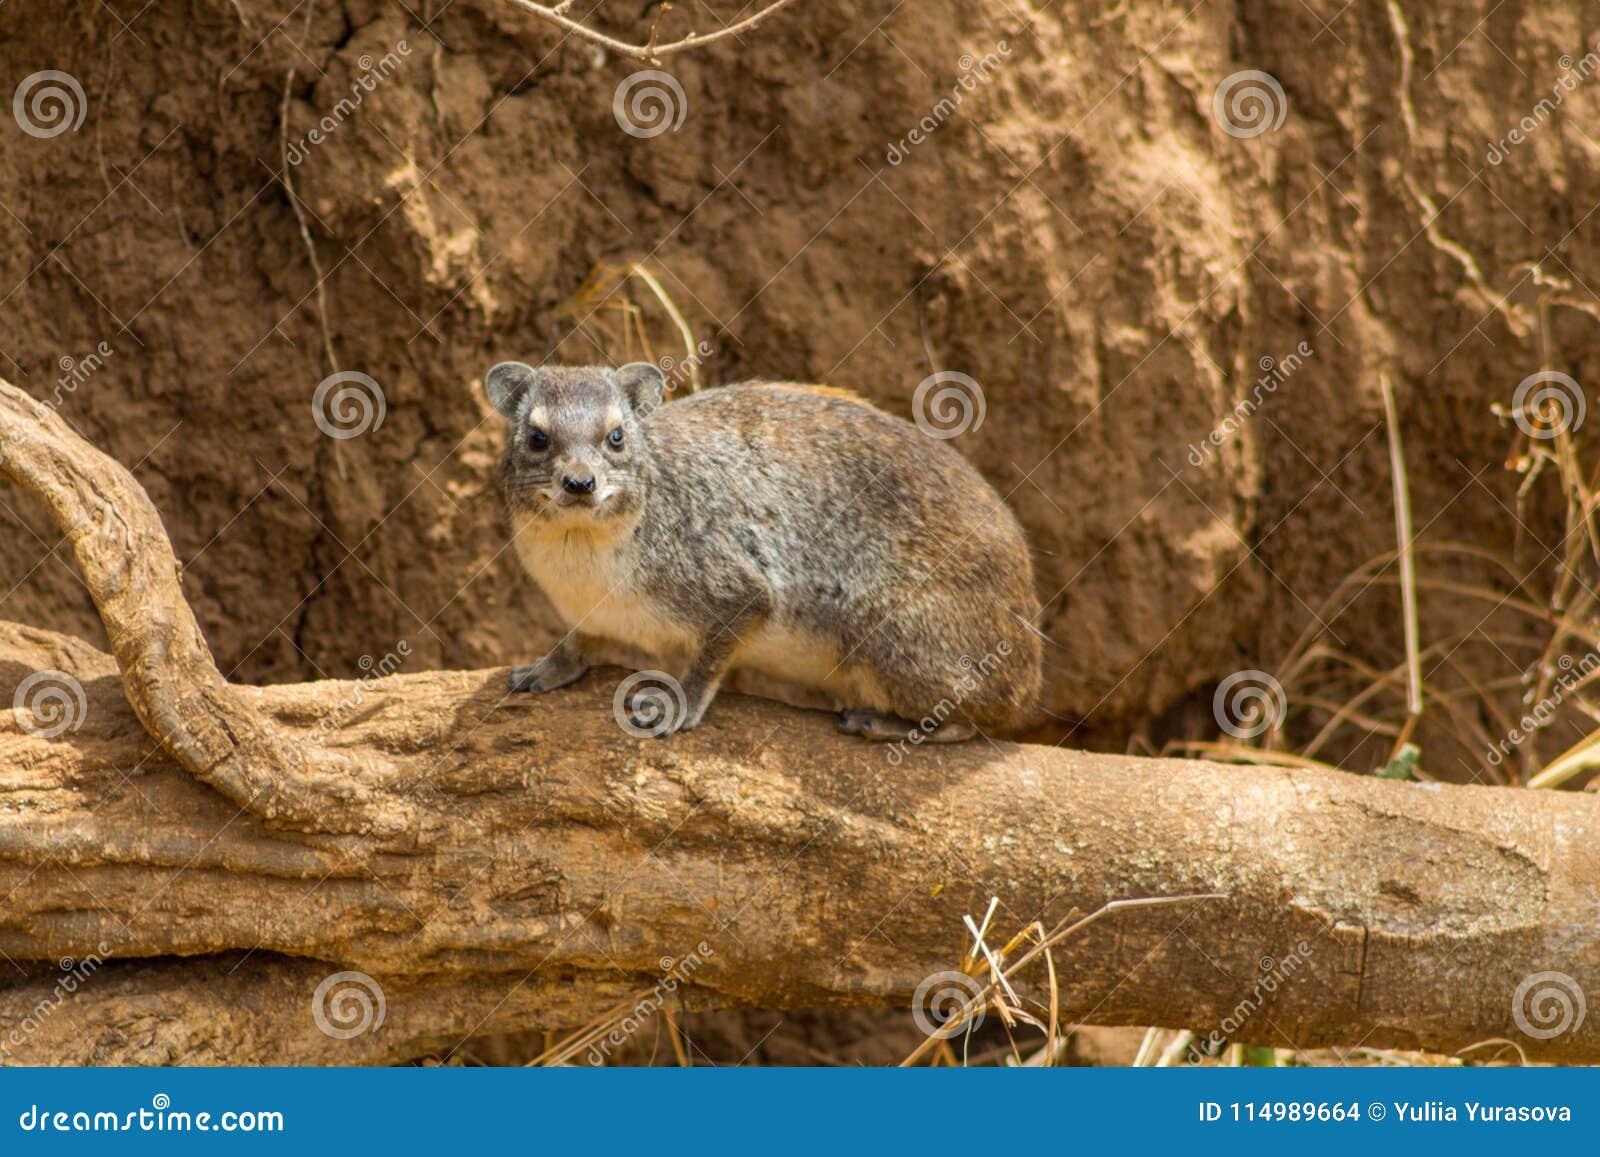 Μικρή ζωική συνεδρίαση Hyrax σε έναν ξηρό κλάδο δέντρων